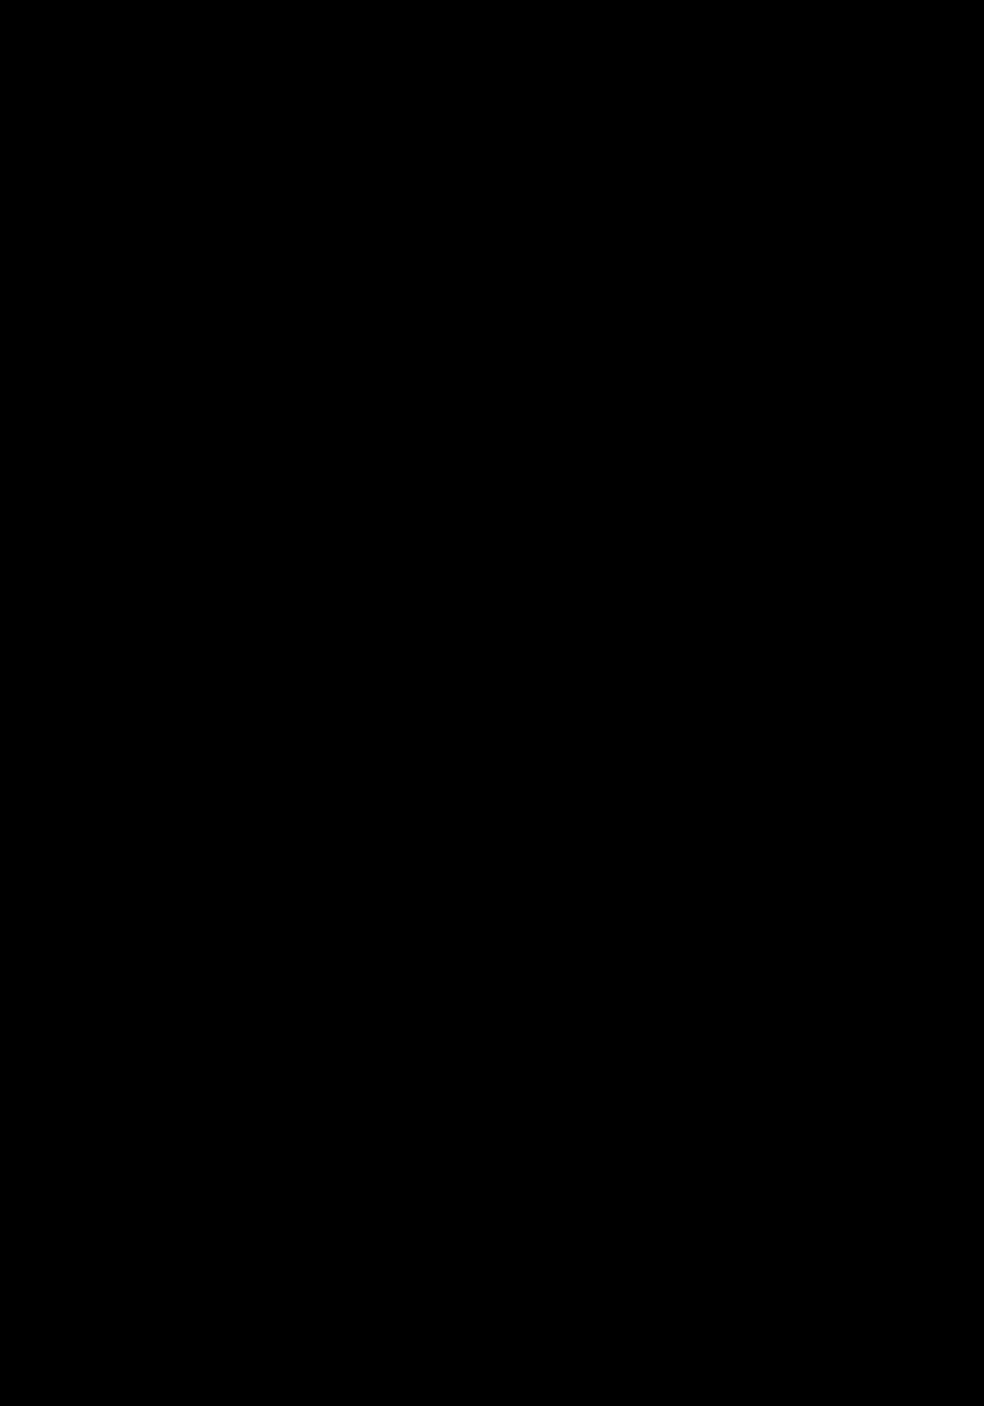 タイポス 37 TY37A 縦組見本